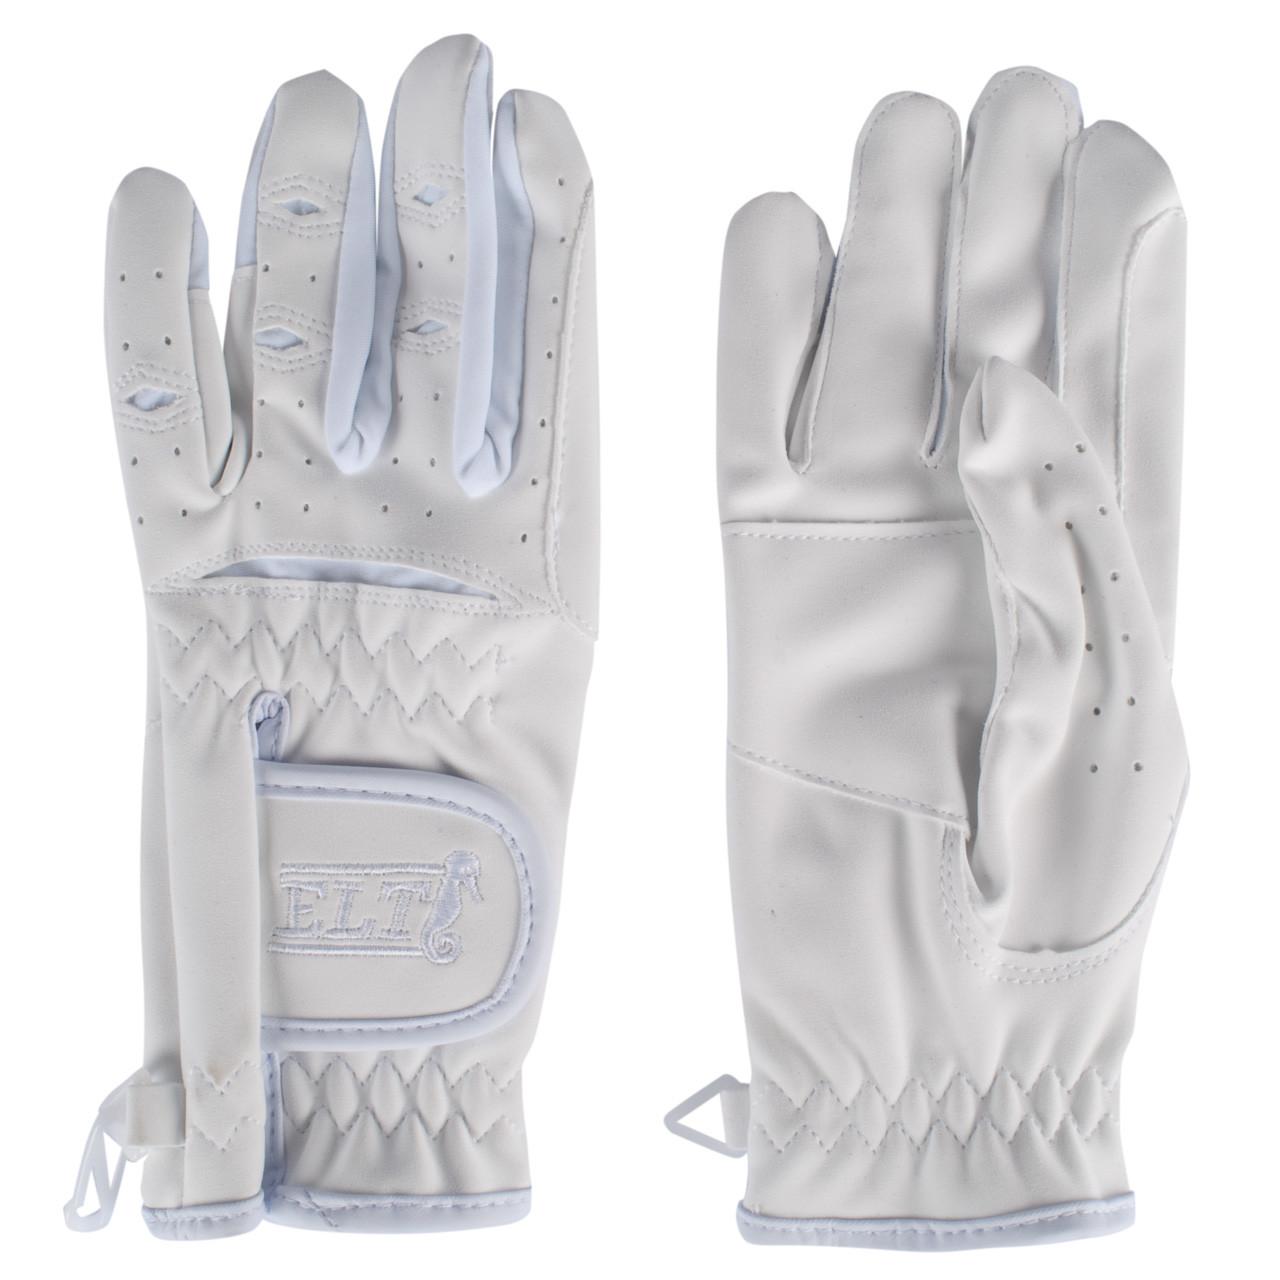 Elt Vielseitige kinder handschoenen